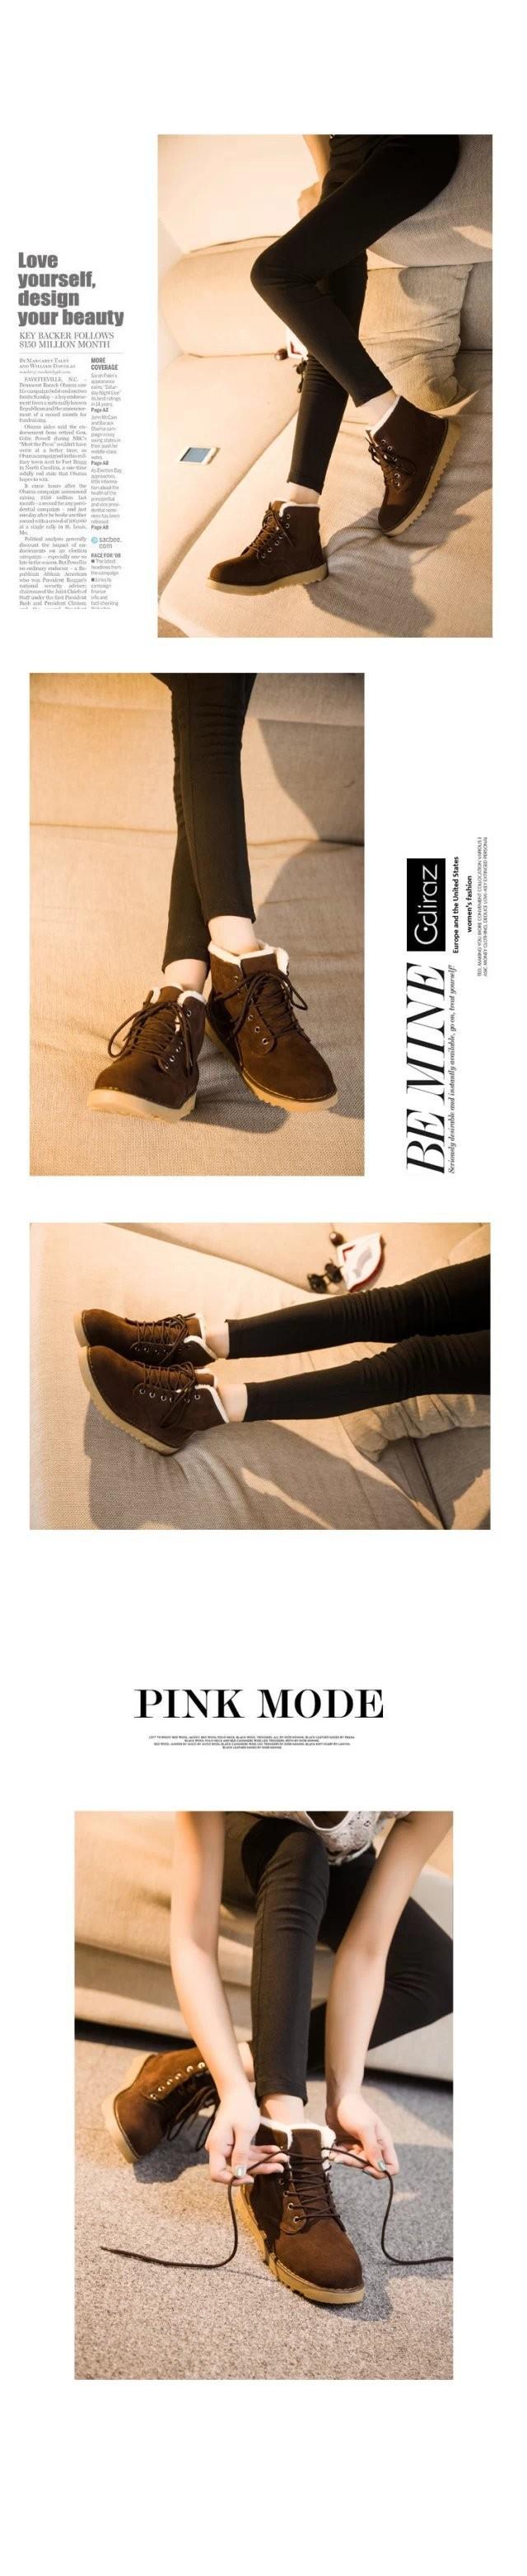 Плоский каблук женщин зимняя обувь нового мода случайные милые Корейские коровы мышцы подошвы теплая женщина сапог снег Женские сапоги свободный корабль